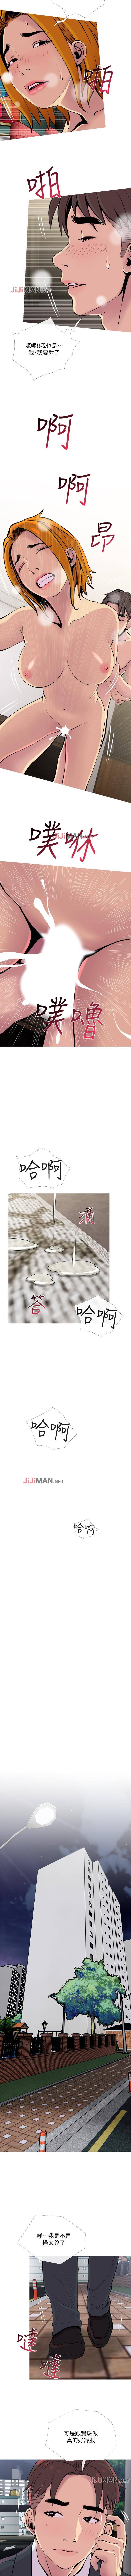 【周五连载】主妇危机(作者:查爾斯&漢水) 第1~26话 125